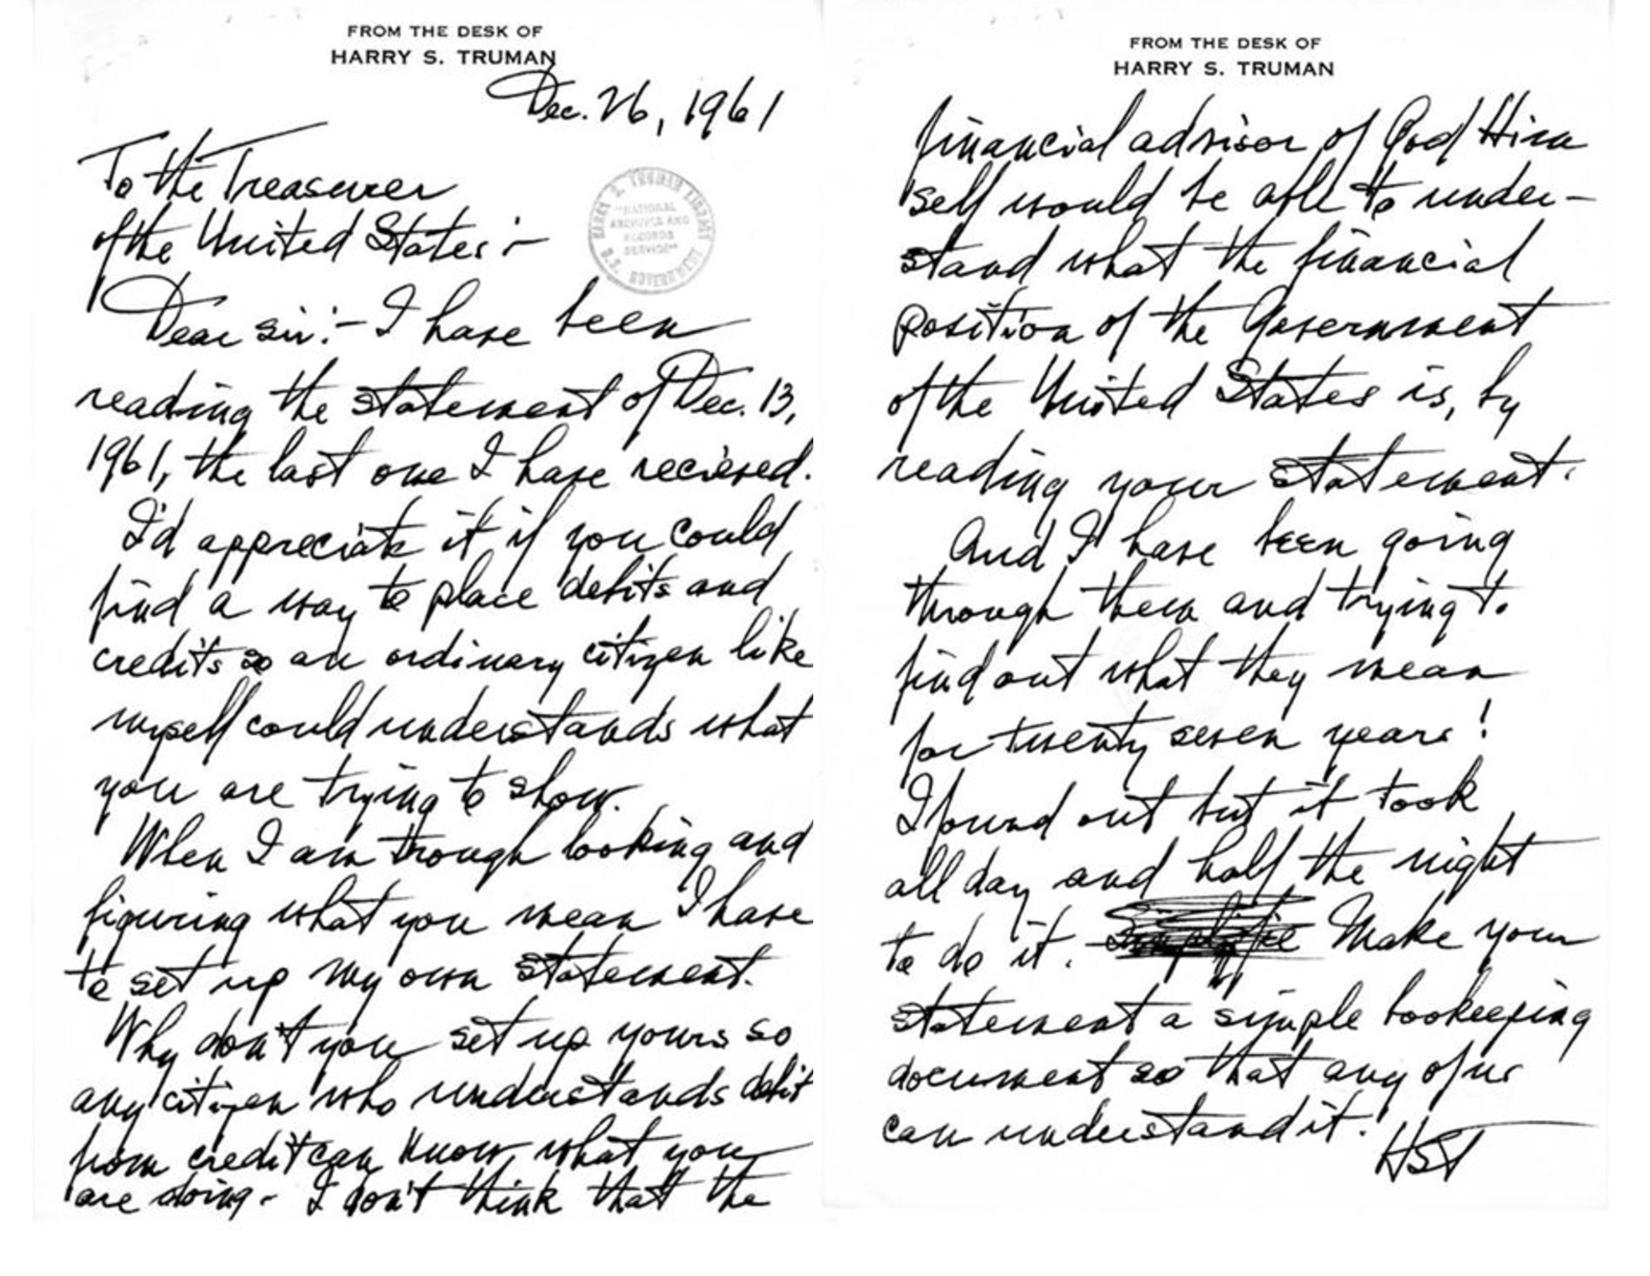 president harry truman letter treasurer temper